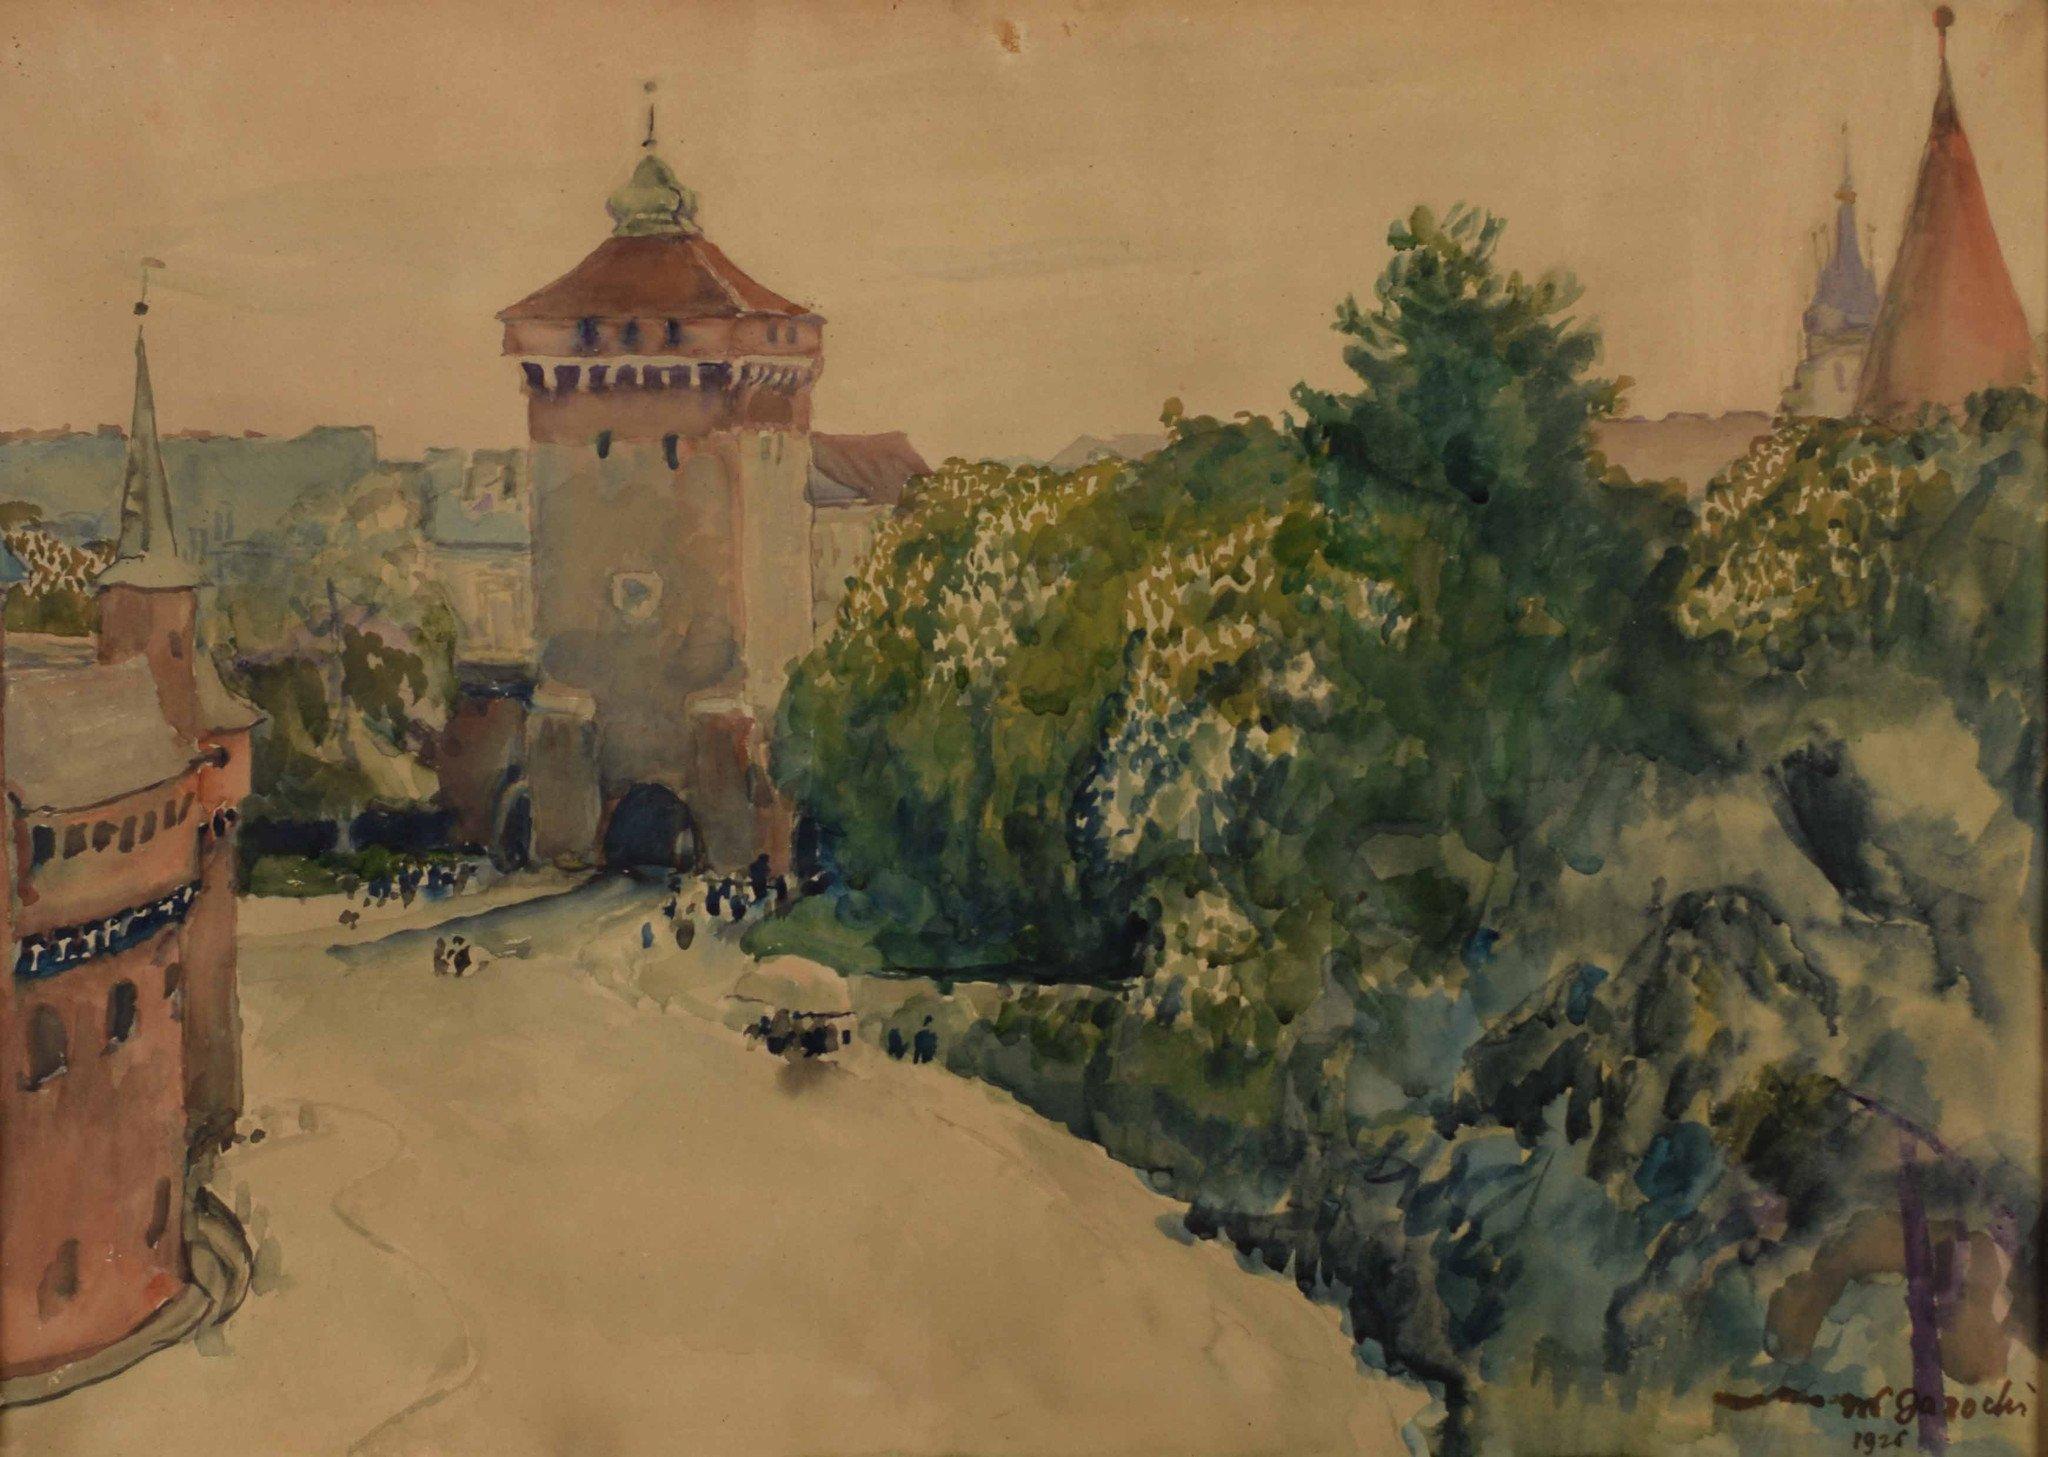 Владислав Яроцький. Барбакан, 1926; папір, акварель; 50 x 70